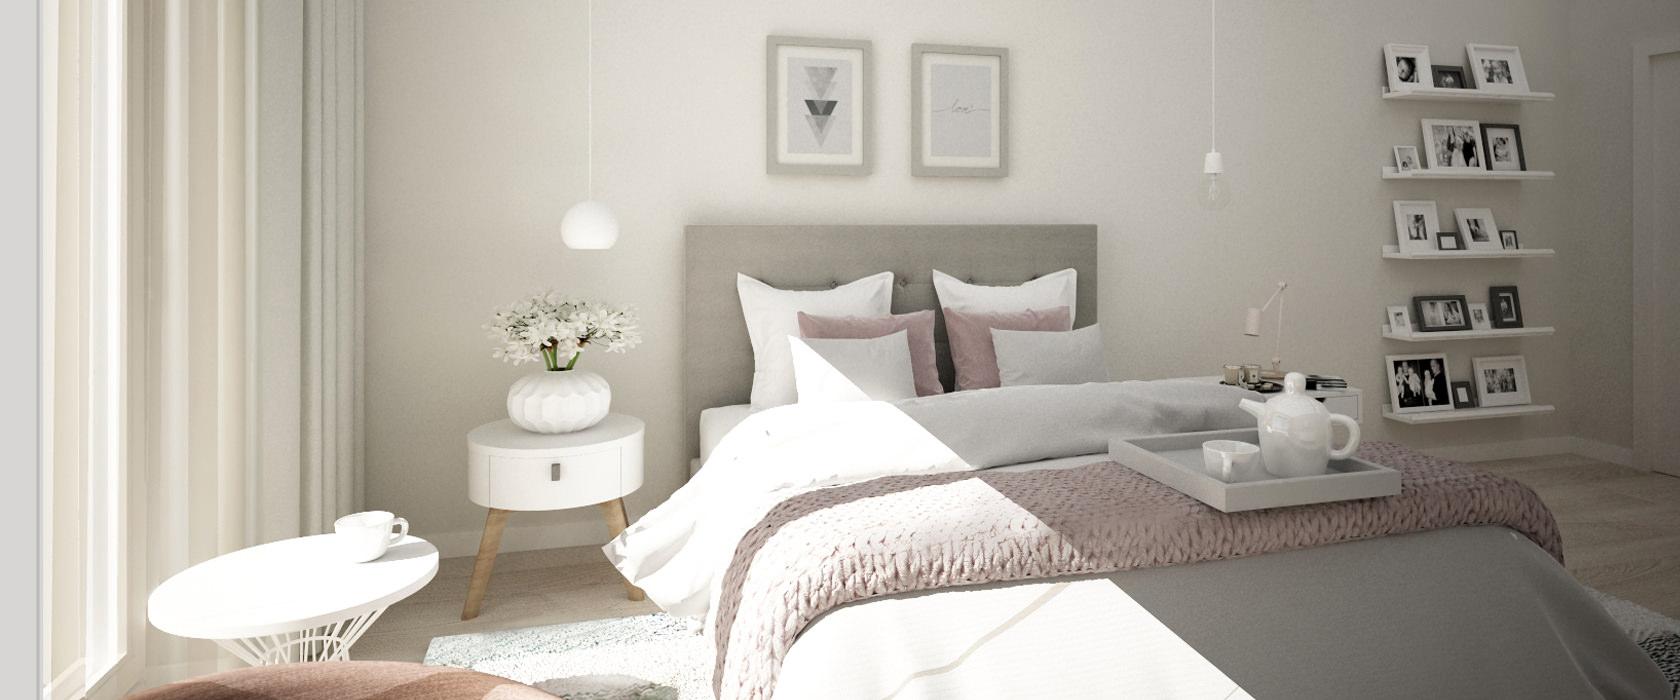 Кровать Ferrara - Фото 2 - Pufetto